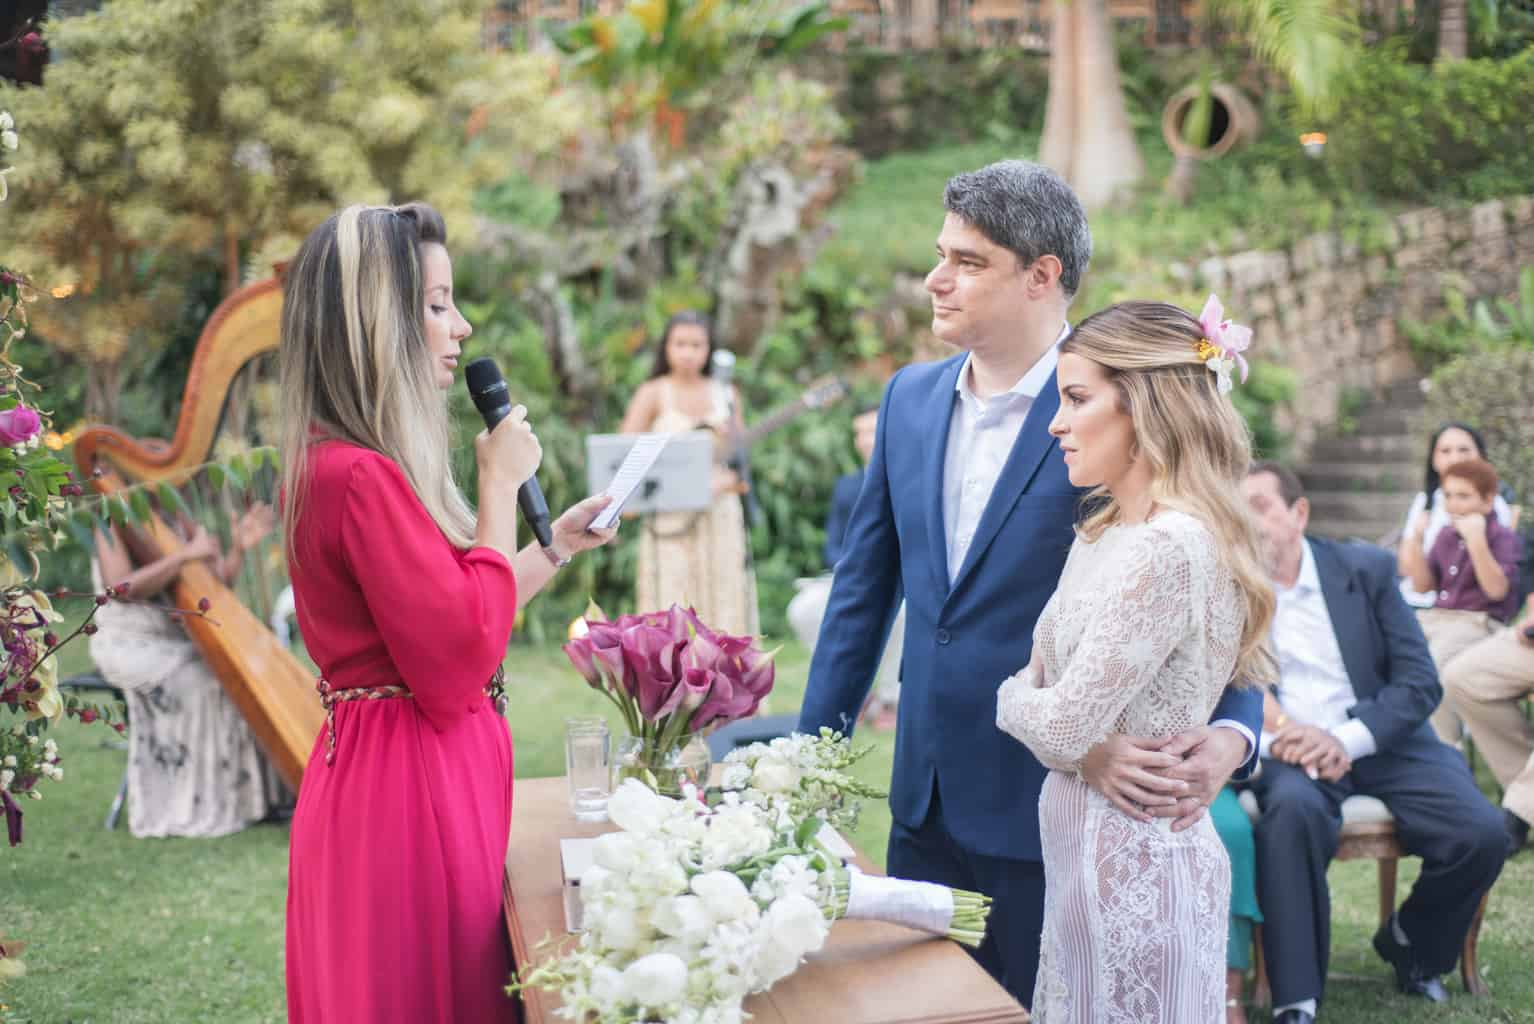 Casamento-Paula-e-Alex-Fotografia-Marina-Fava-cerimonia-Atelier-do-Sim